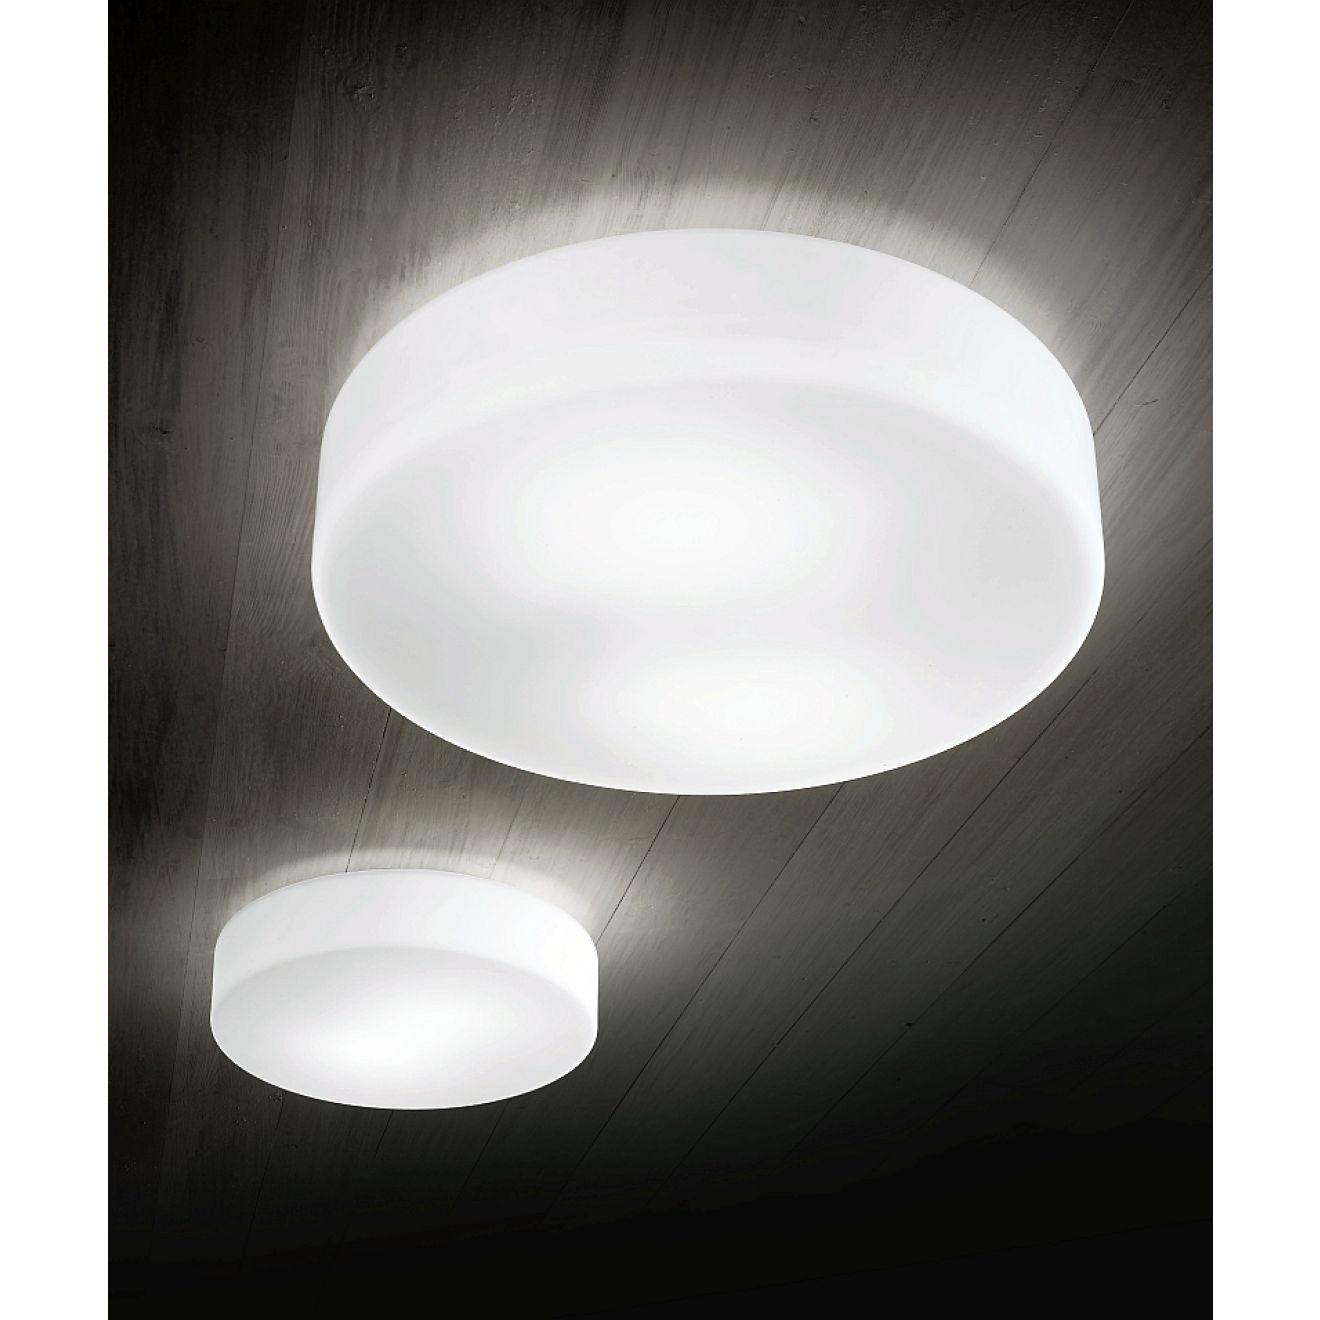 Wand und deckenlampe graff e27 fabas luce for Deckenleuchte wohnzimmer e27